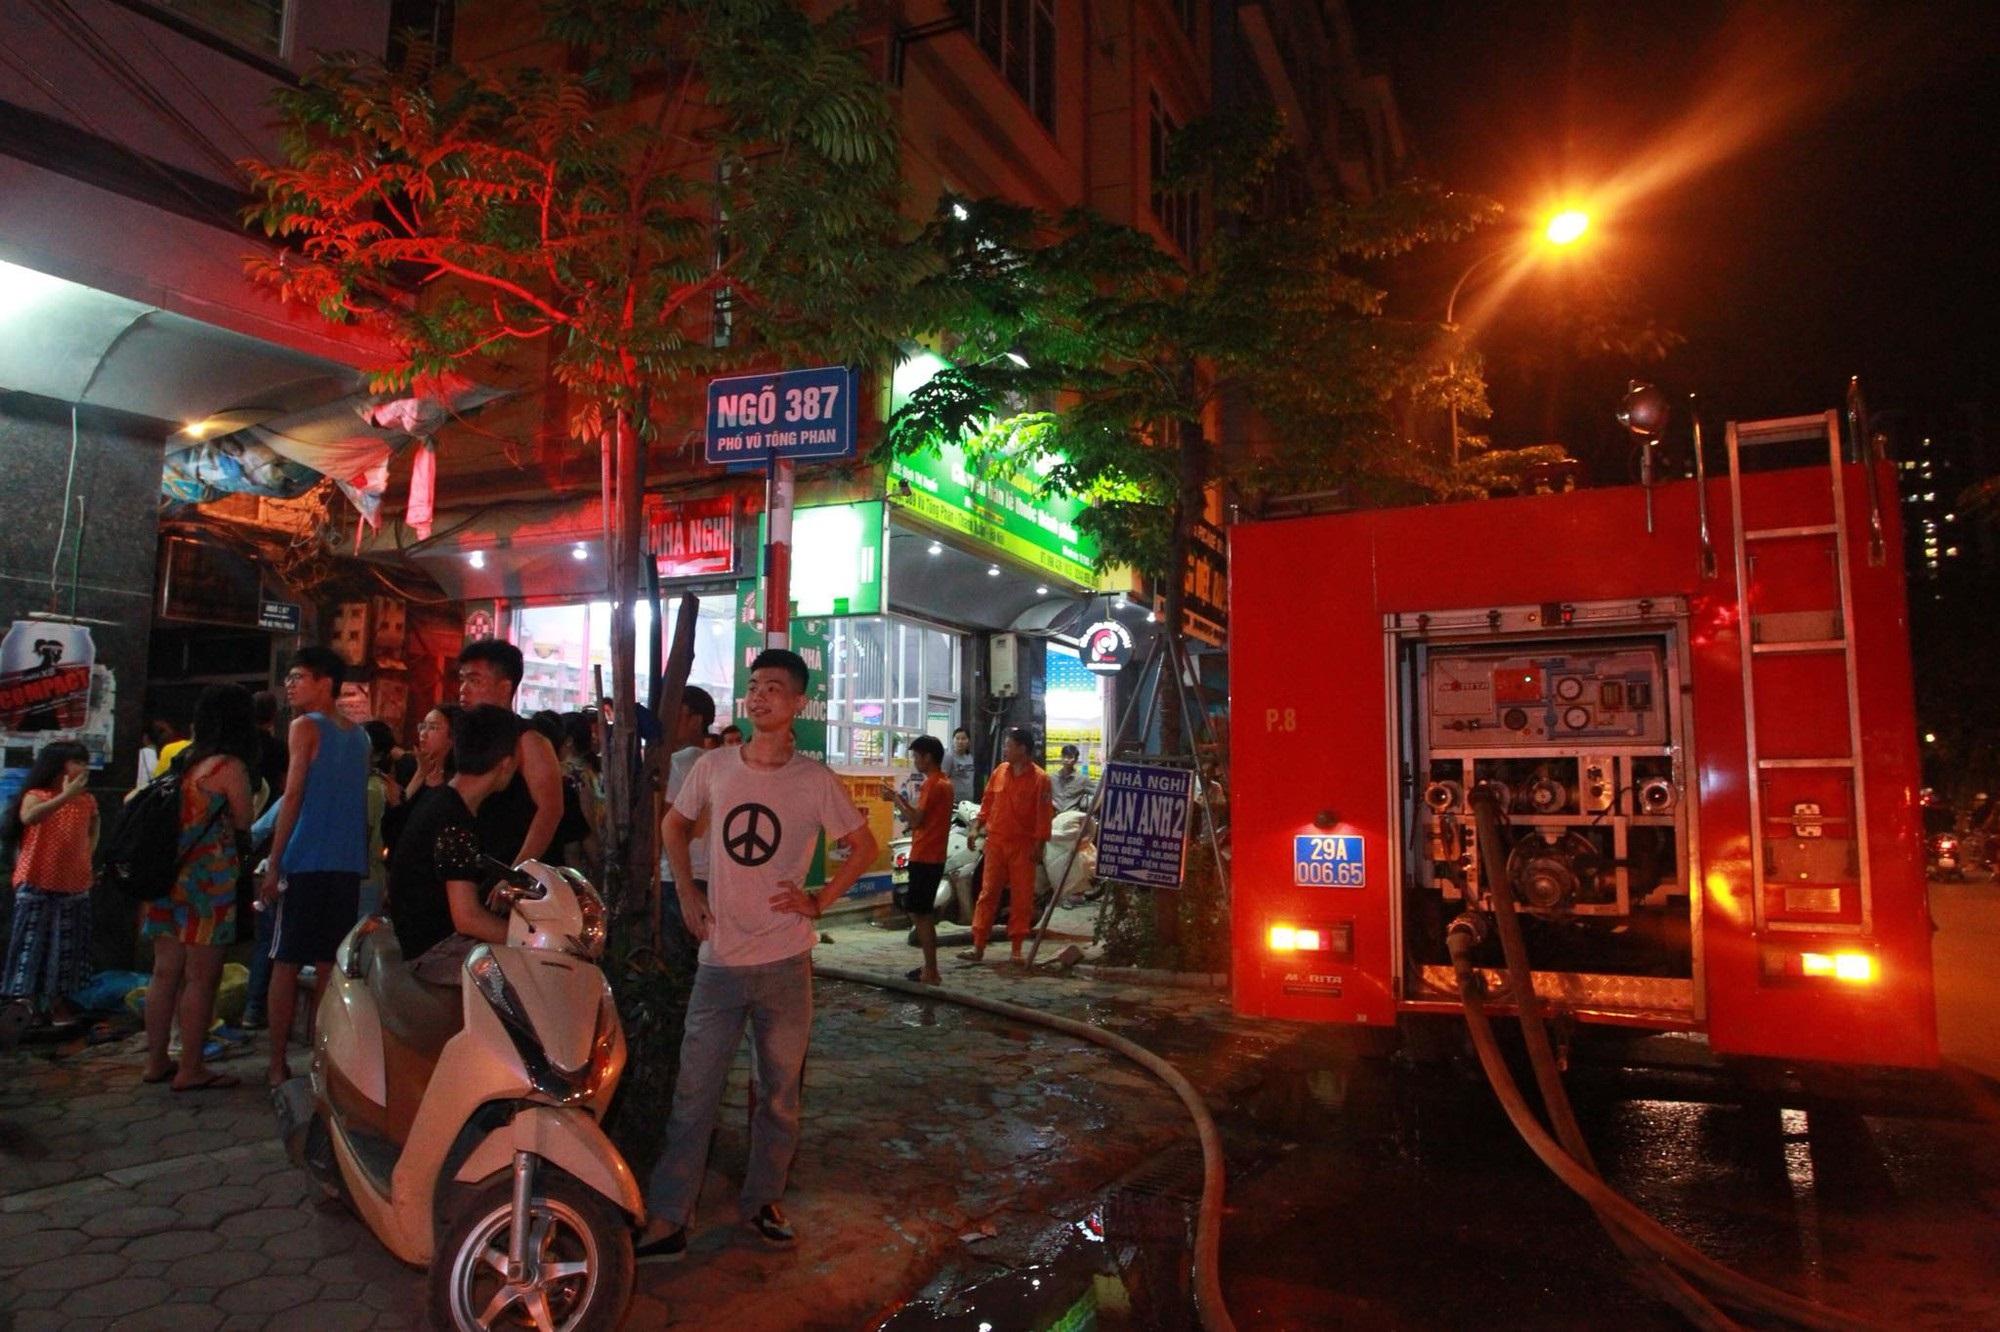 Hà Nội: Cháy lớn cửa hàng giặt là và sang chiết gas, nhiều tài sản bị thiêu rụi hoàn toàn - Ảnh 5